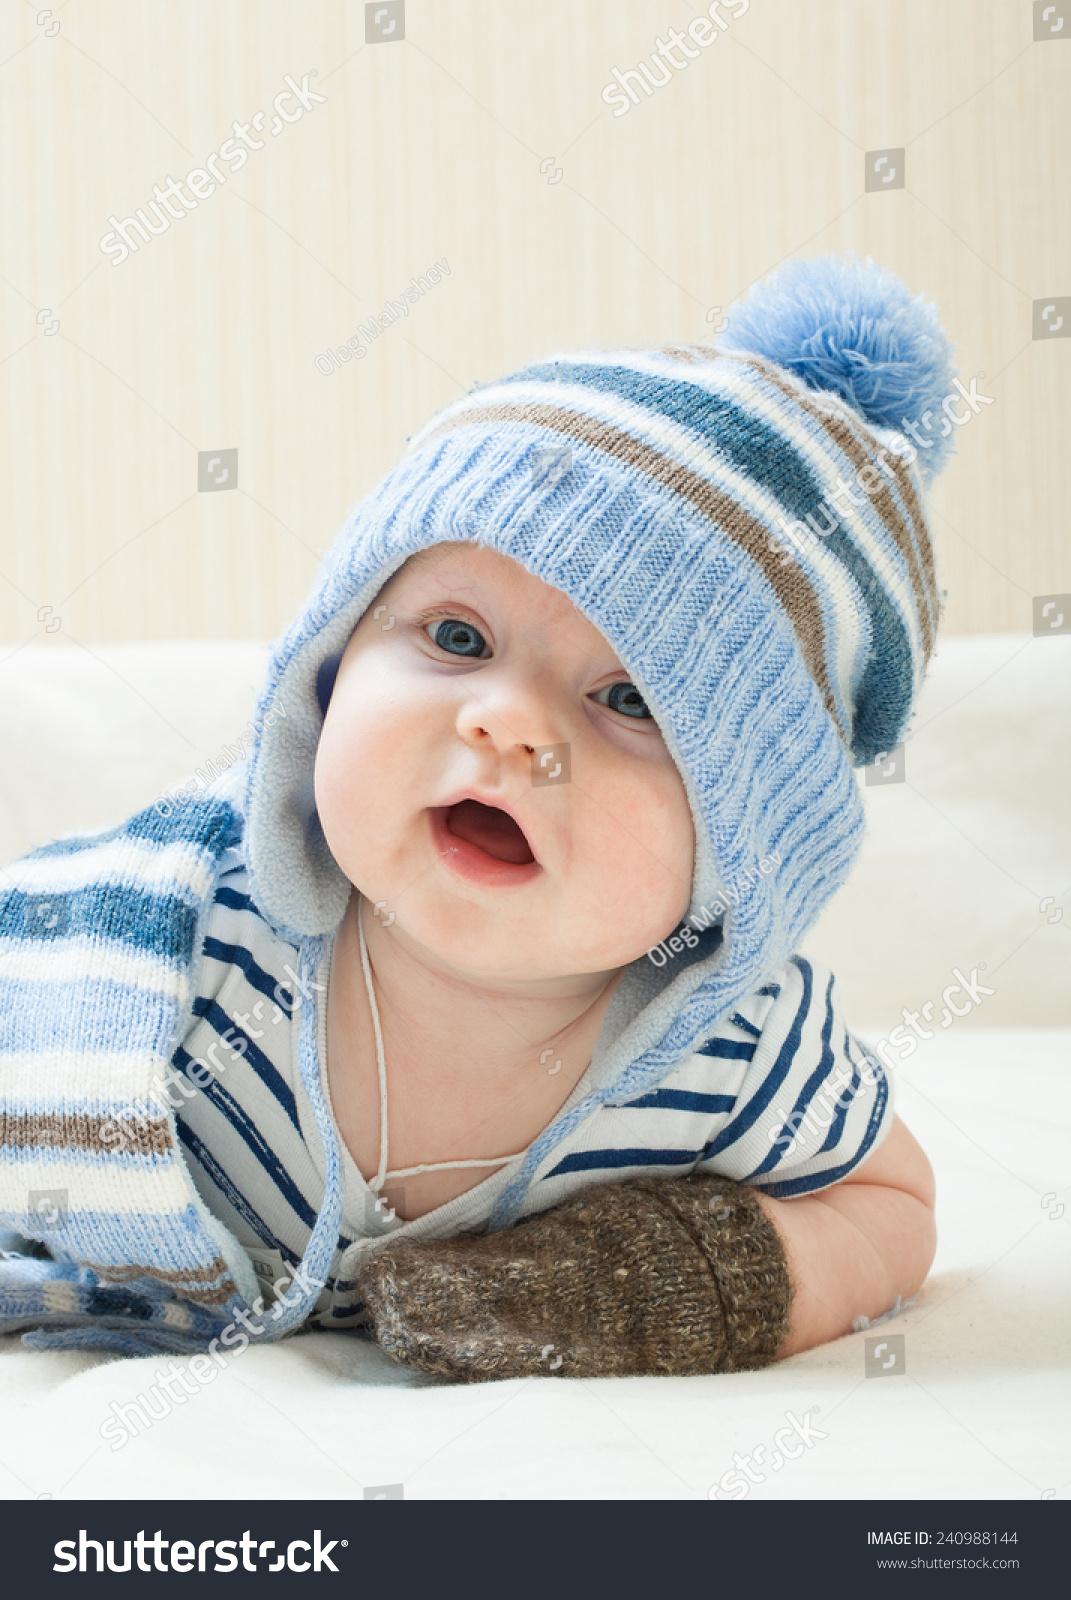 baby boy wear images | rldm